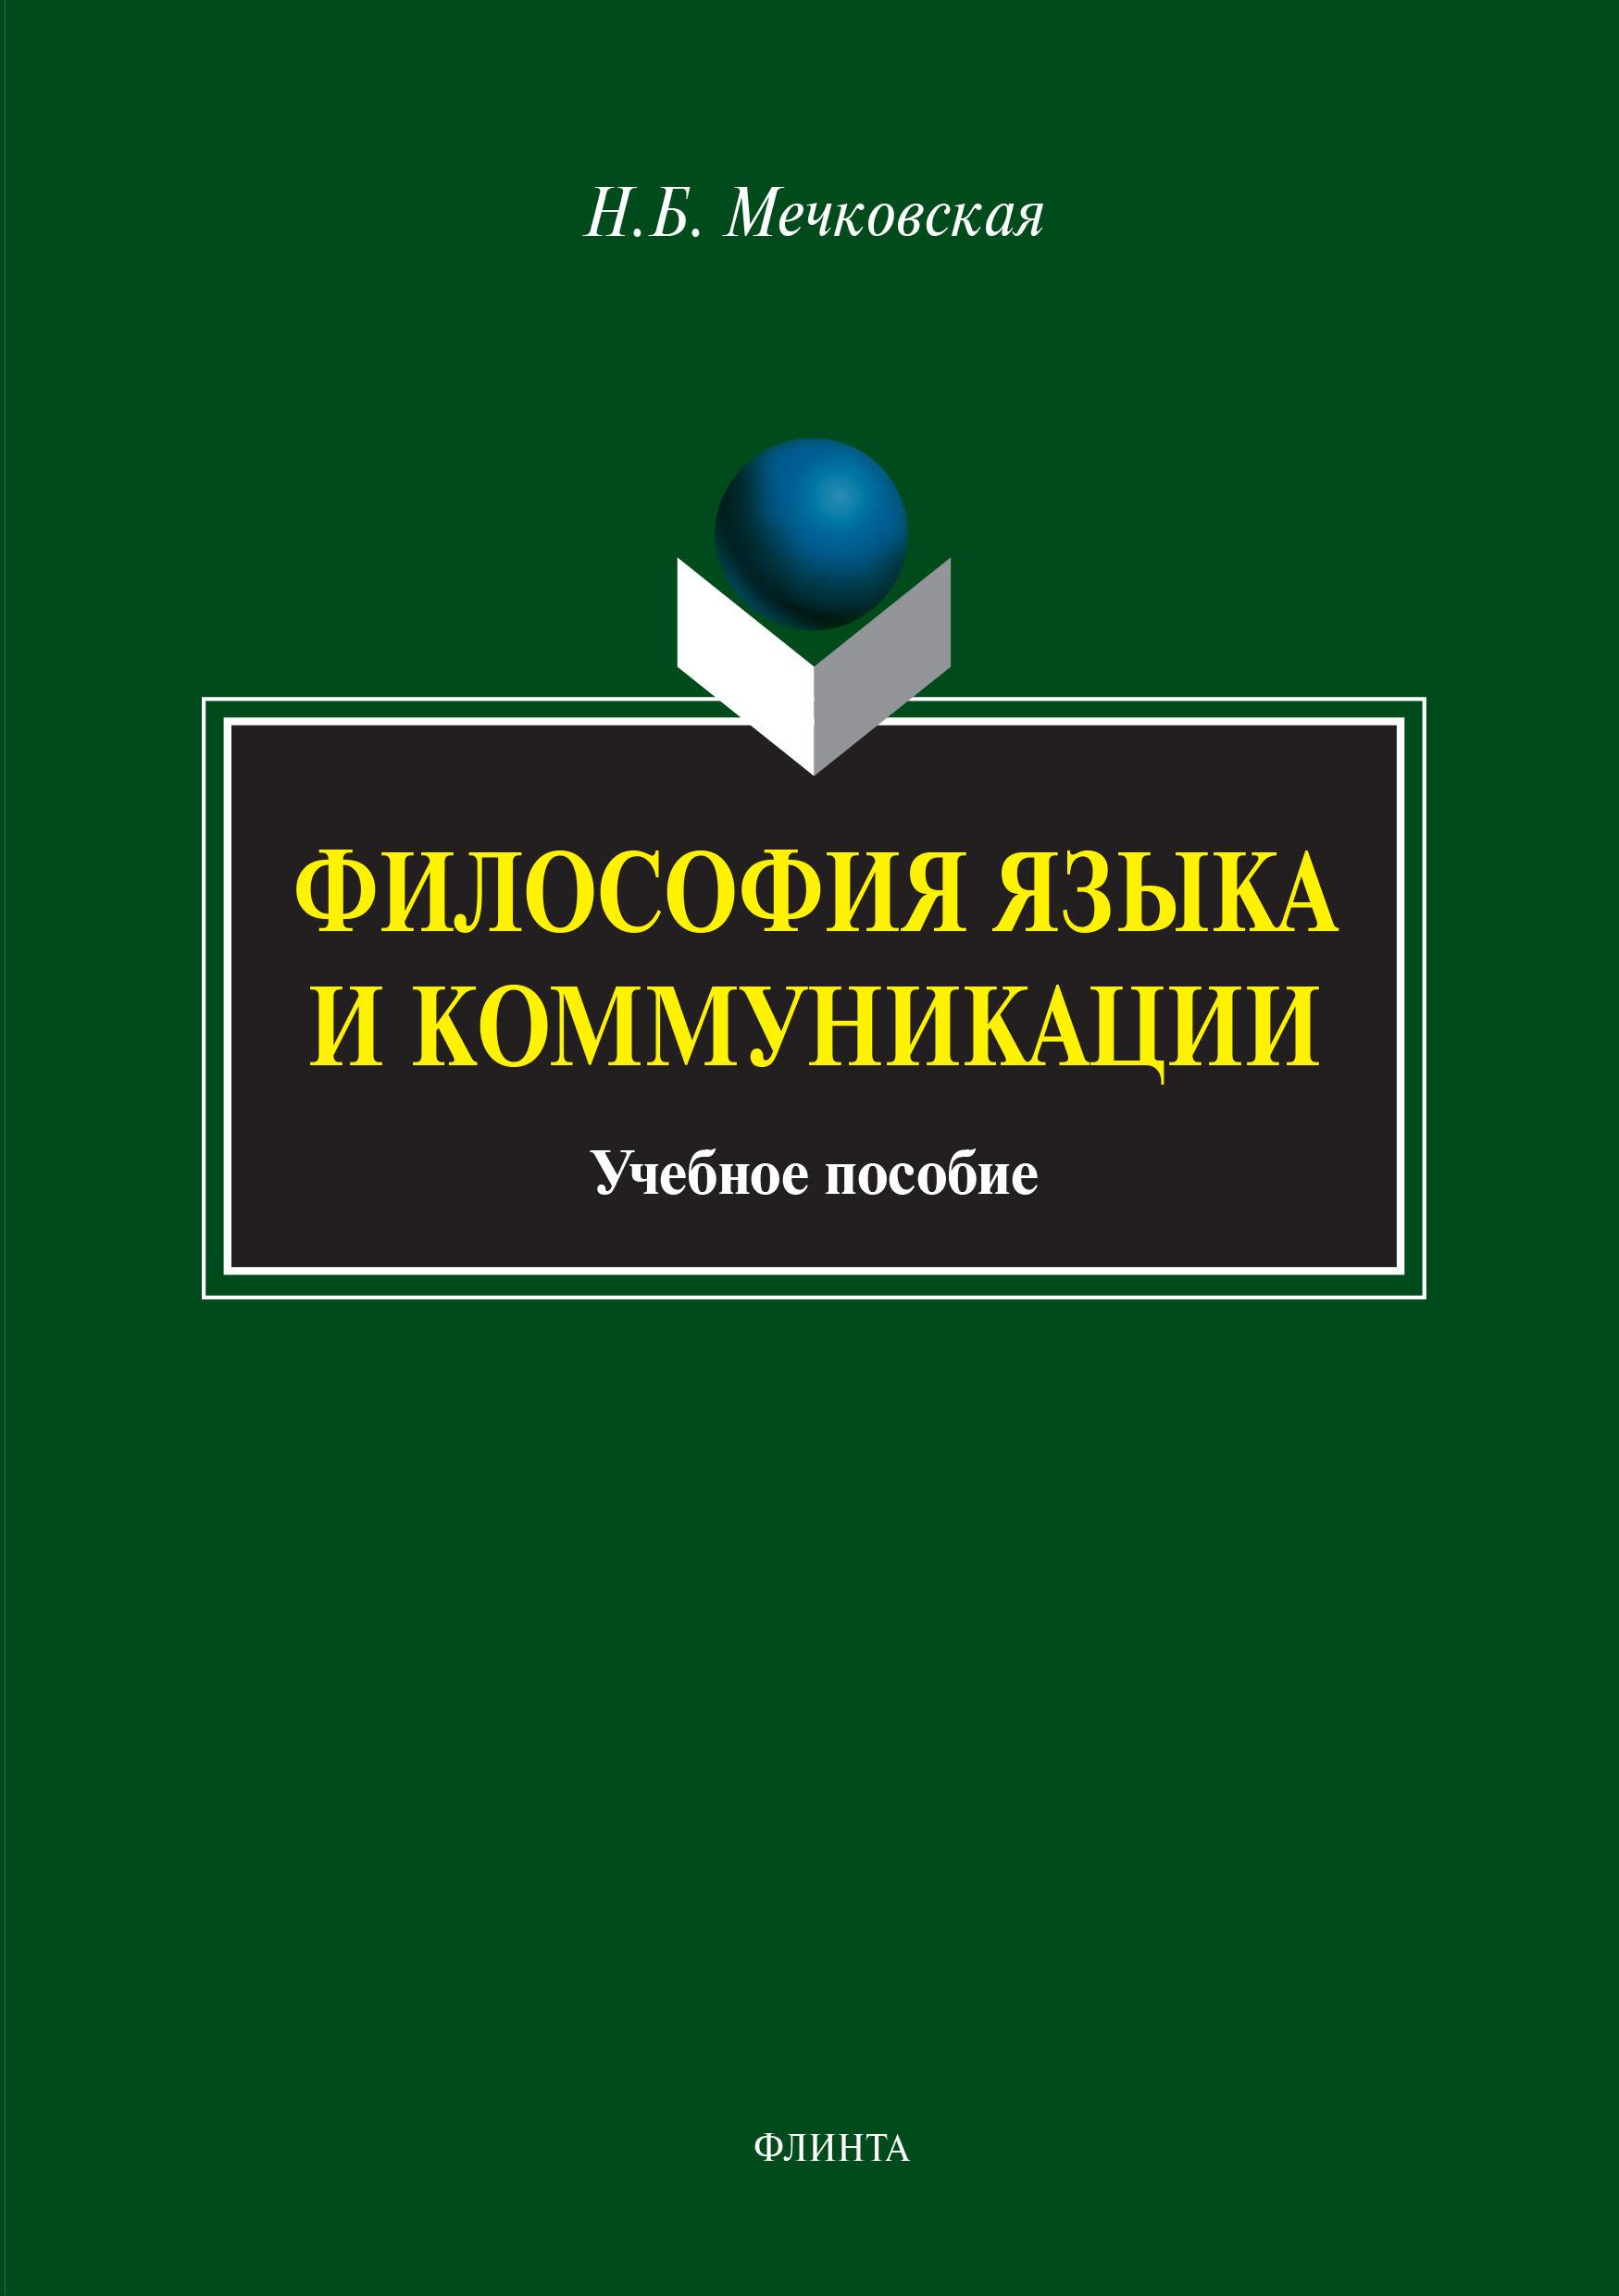 Философия языка и коммуникации ( Нина Мечковская  )